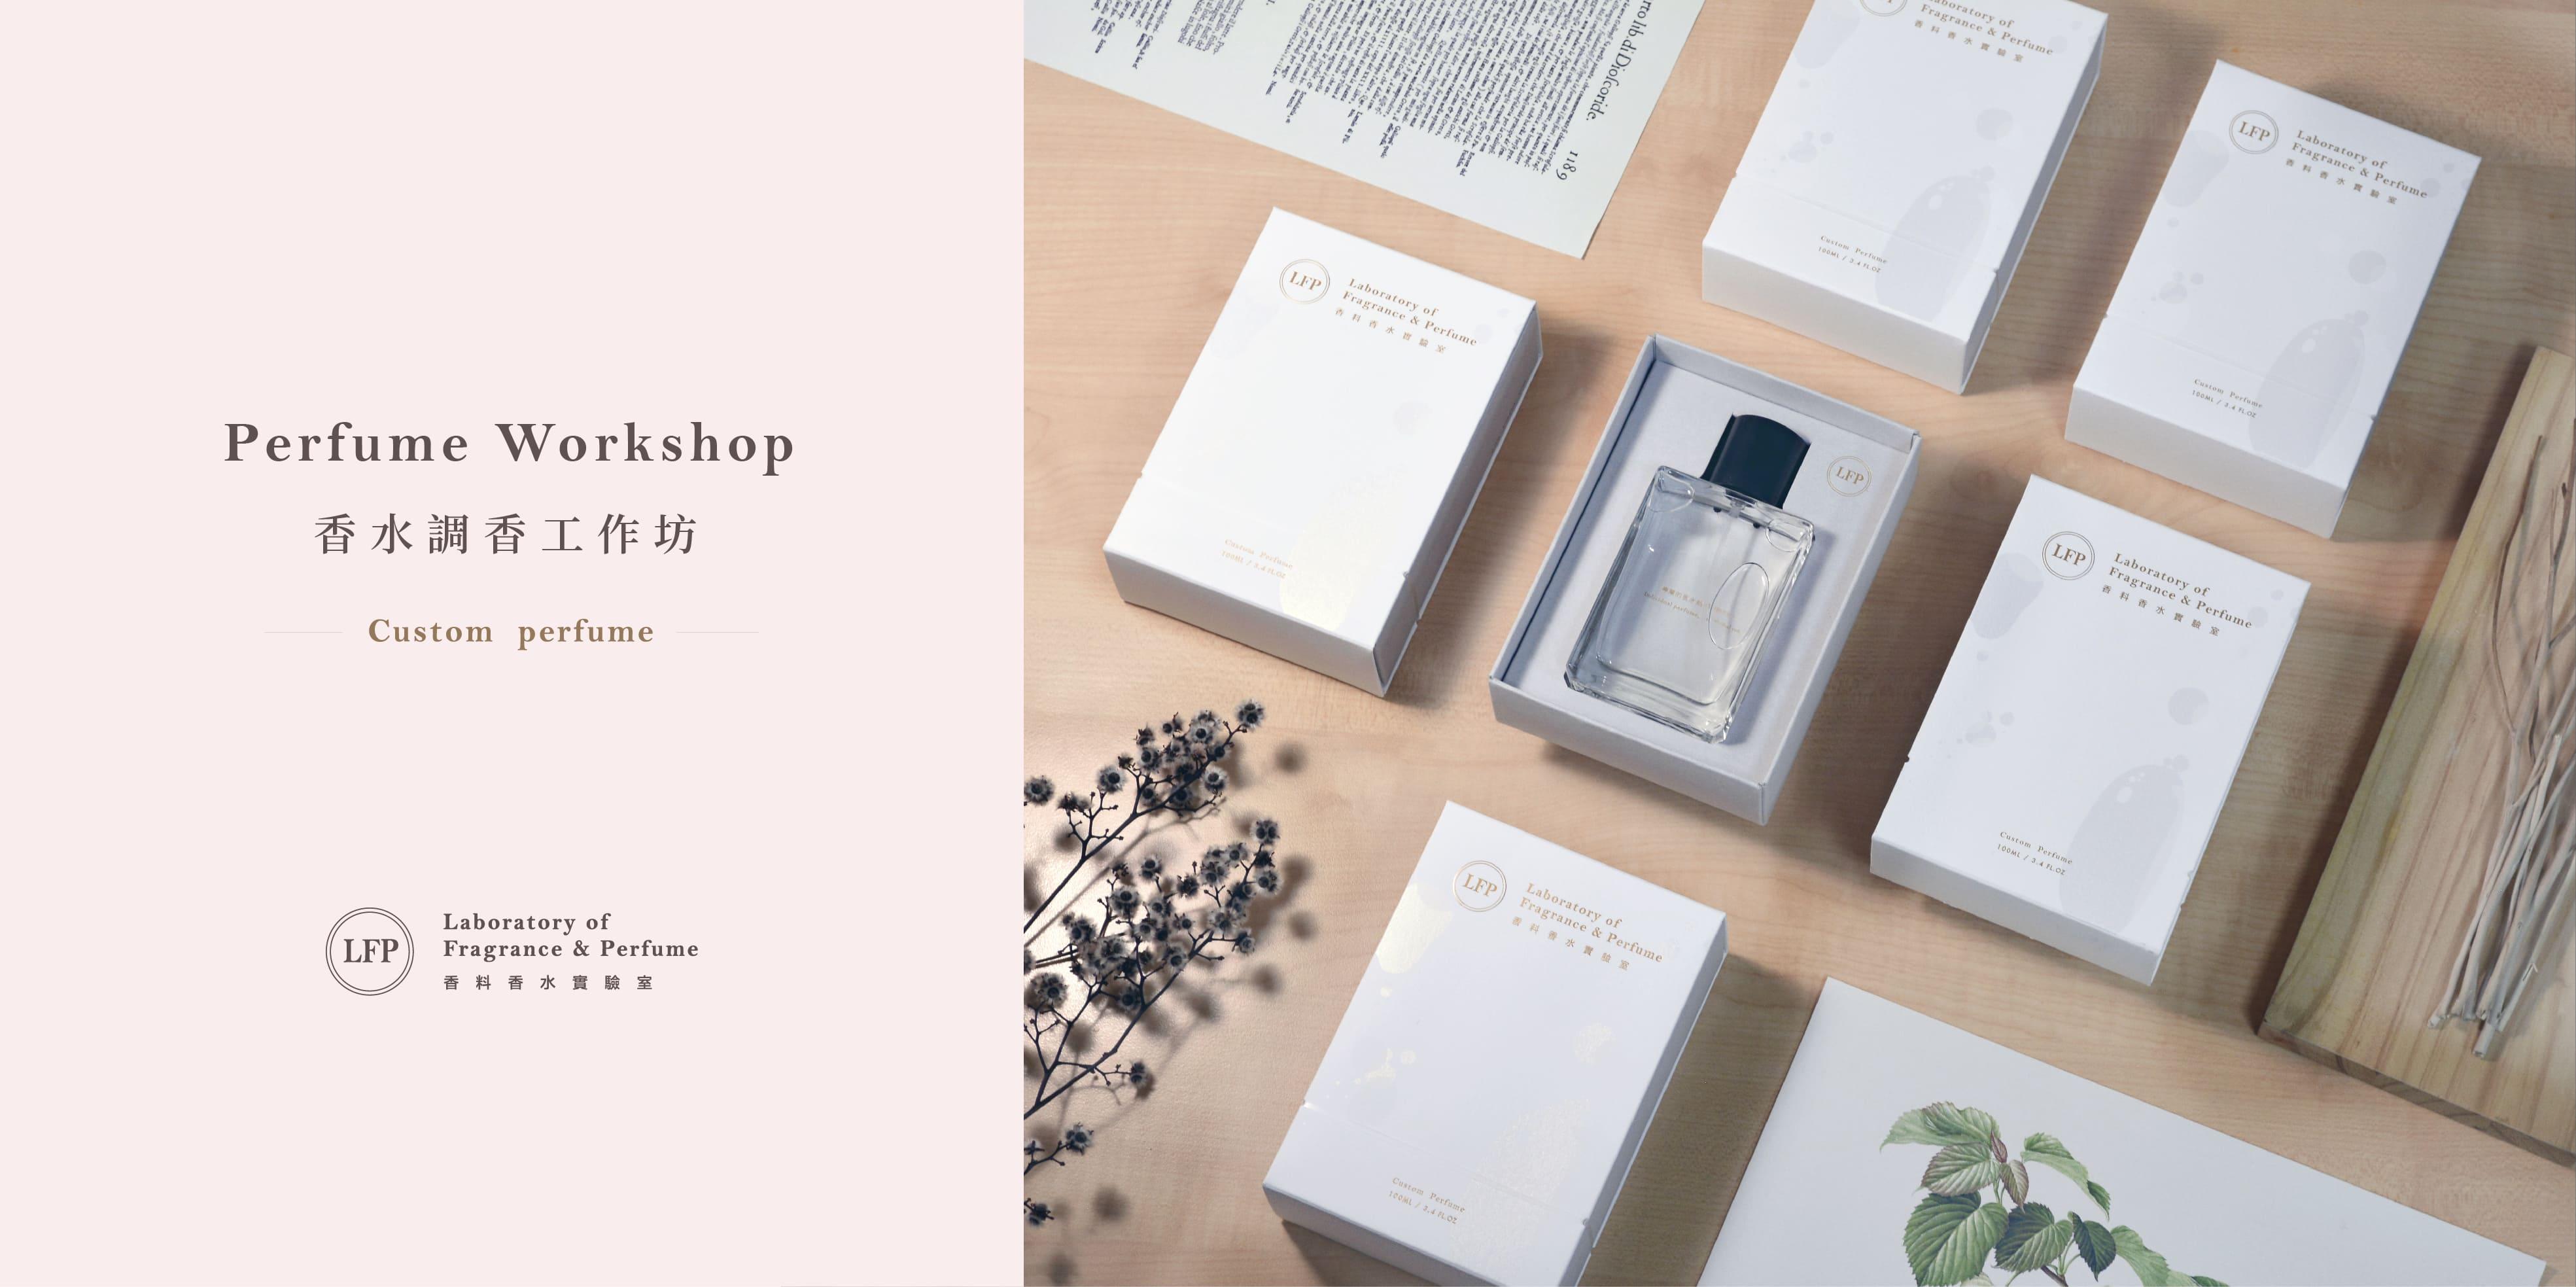 LFP: 台中個人化香水調香工作坊 (2018 二月份 02/11) | LFP: 香料香水實驗室,客製專屬香水